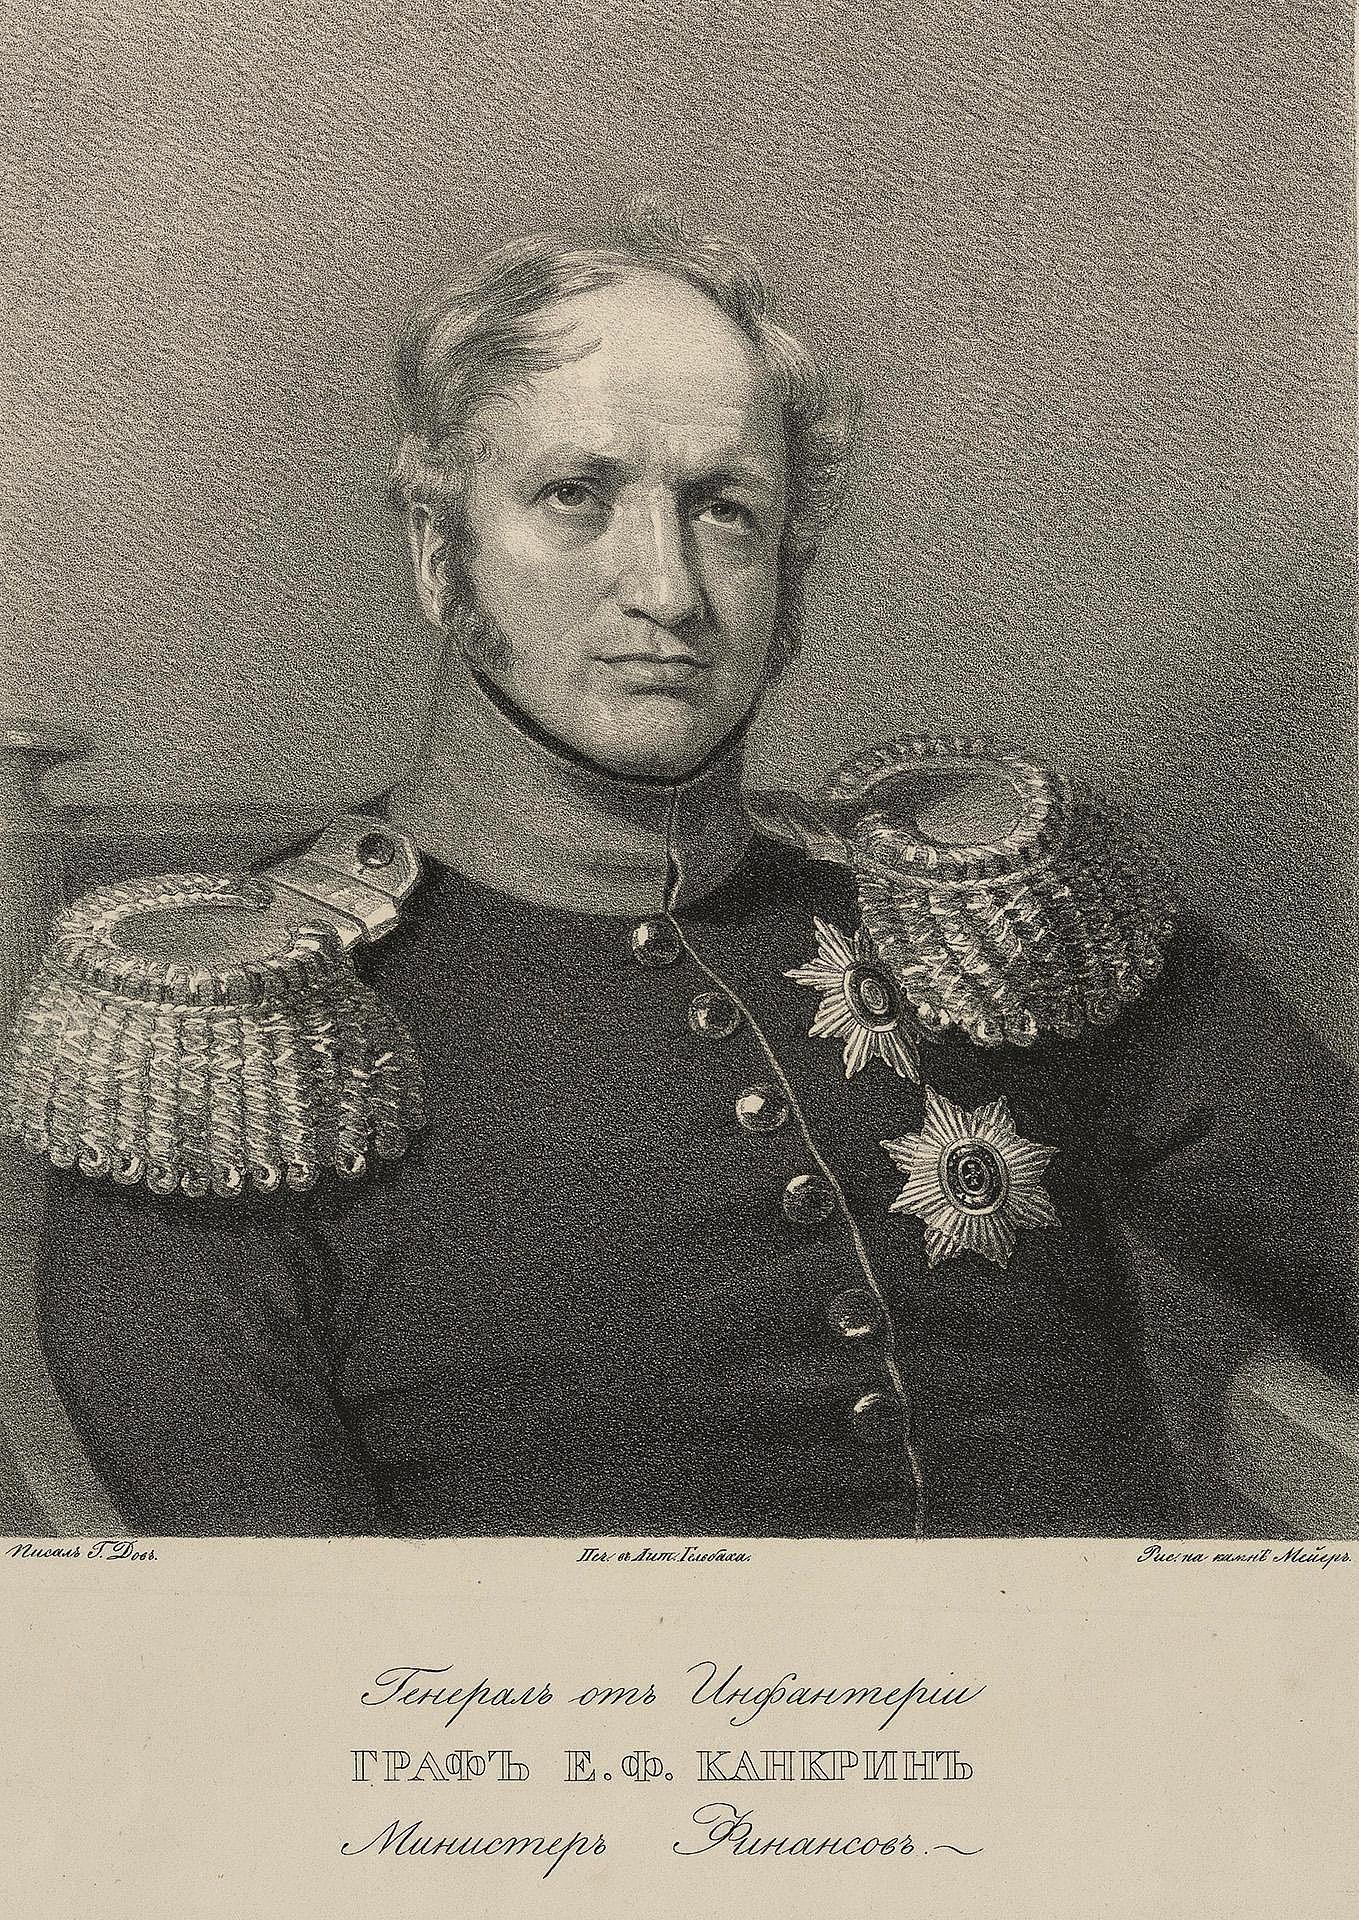 министр финансов России 18 век граф Канкрин Егор Францевич